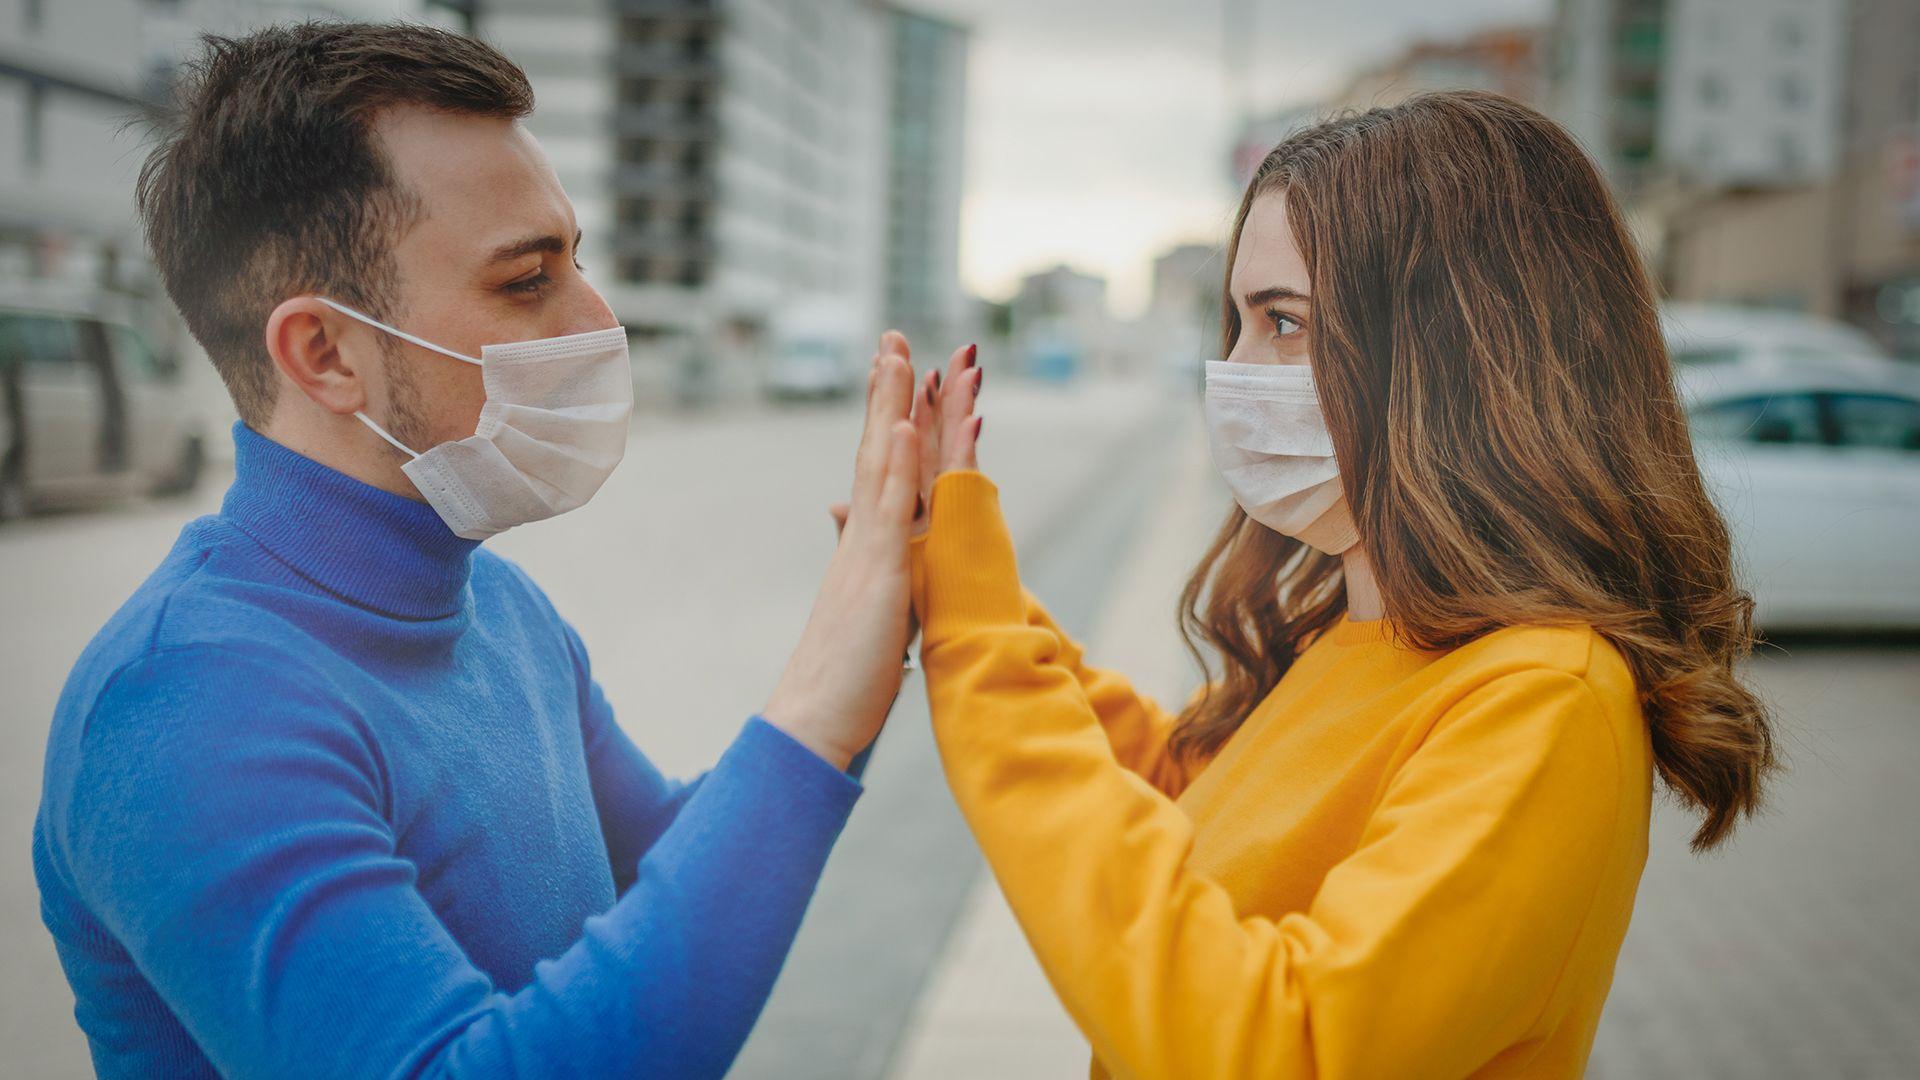 Már neve is van a koronavírus miatt összeköltöző pároknak